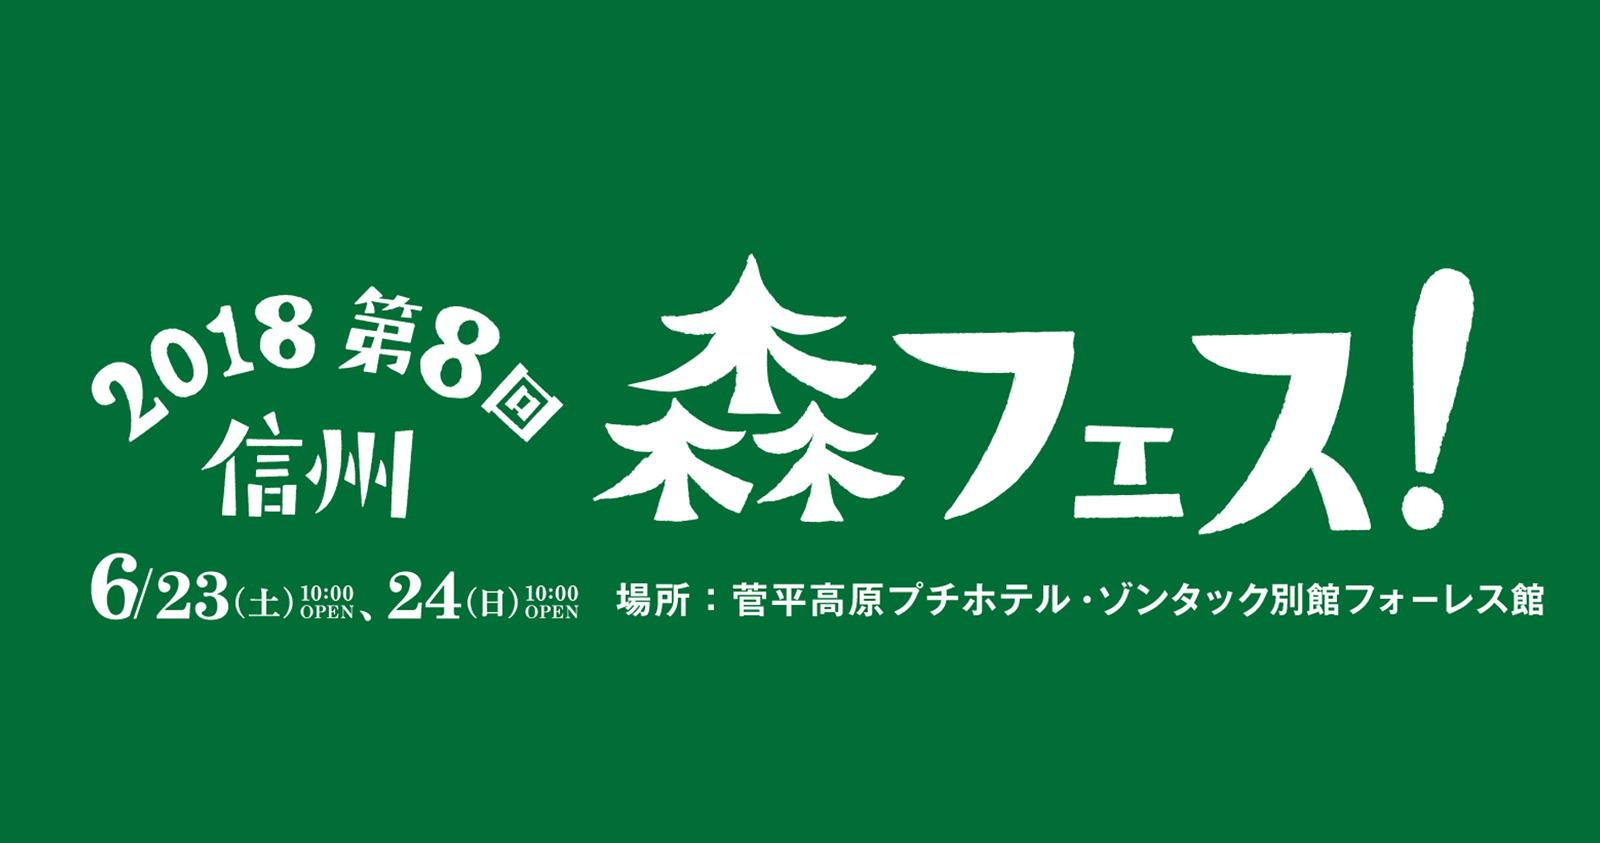 森フェス nagano 長野 菅平